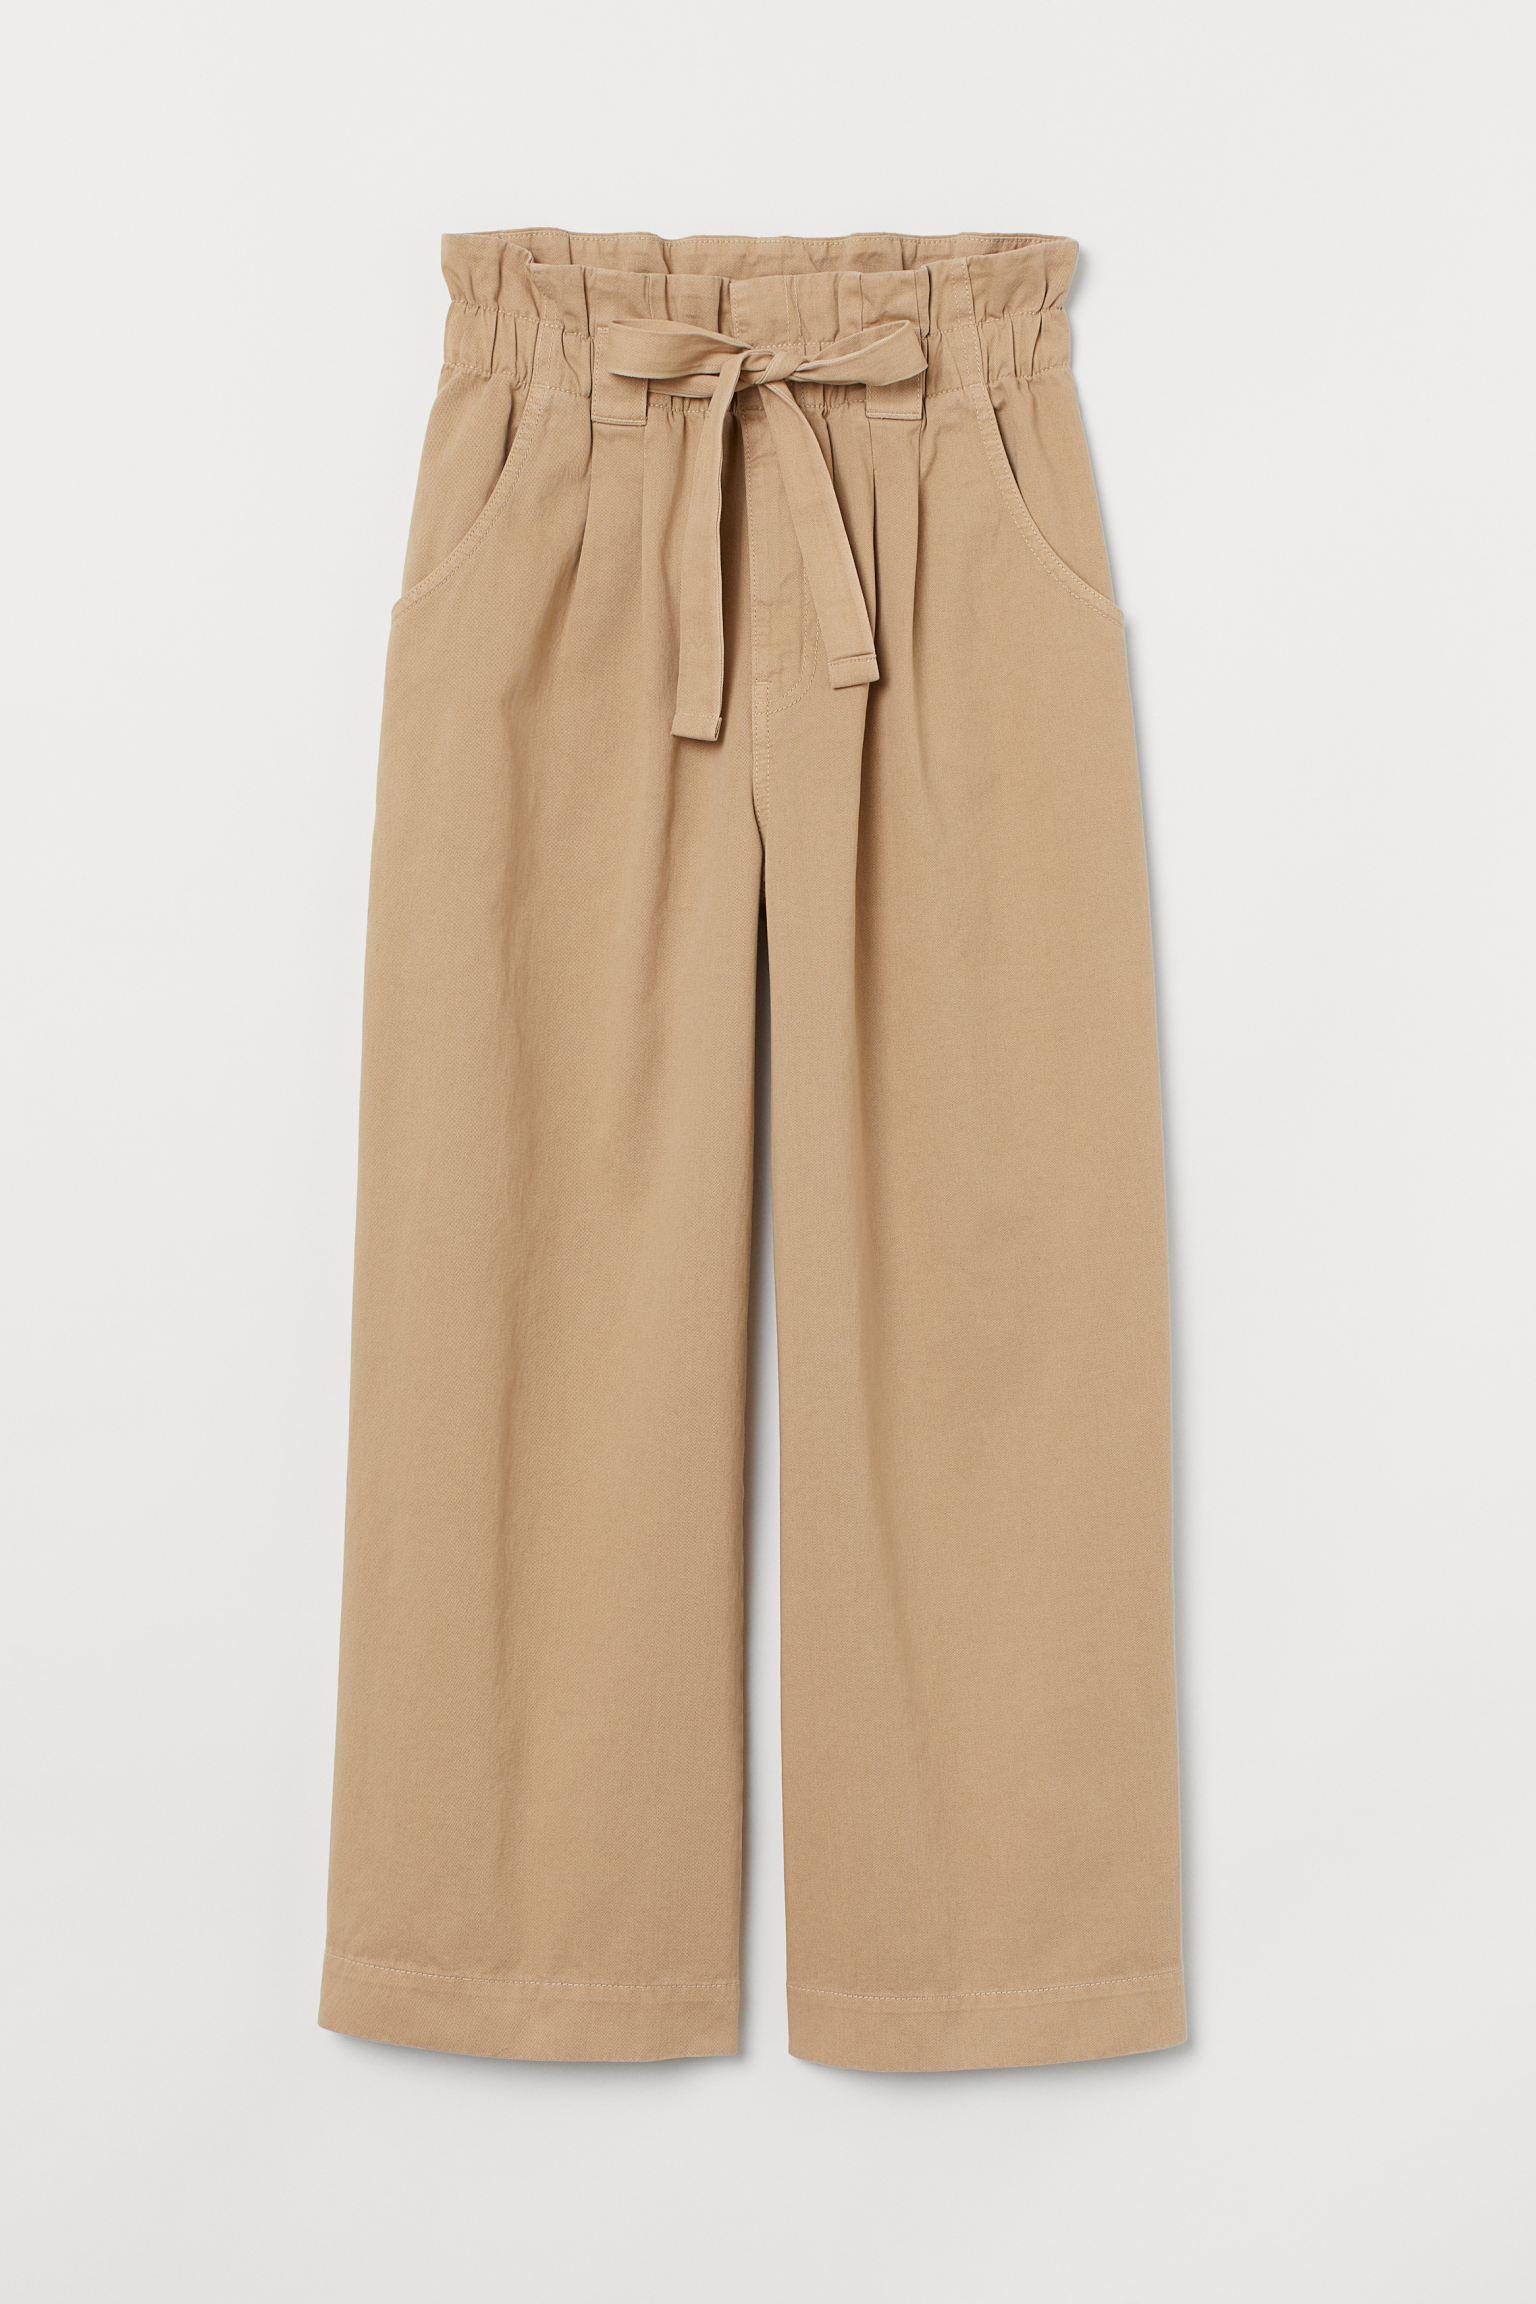 Pantalón ancho con cintura paperbag elástica y cordón